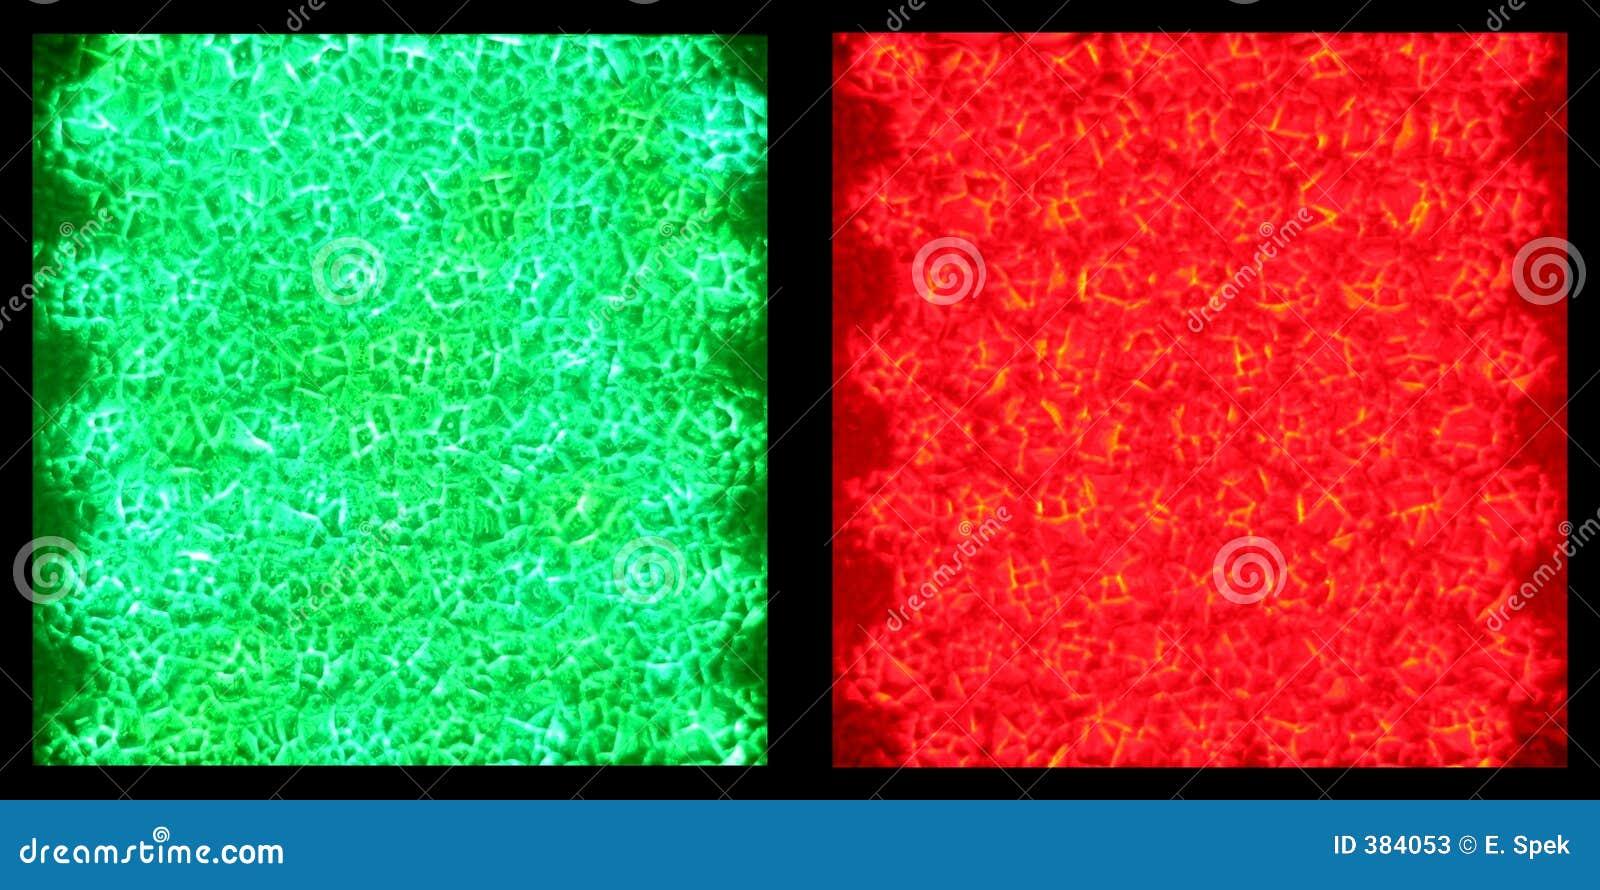 Feu vert, lumière rouge